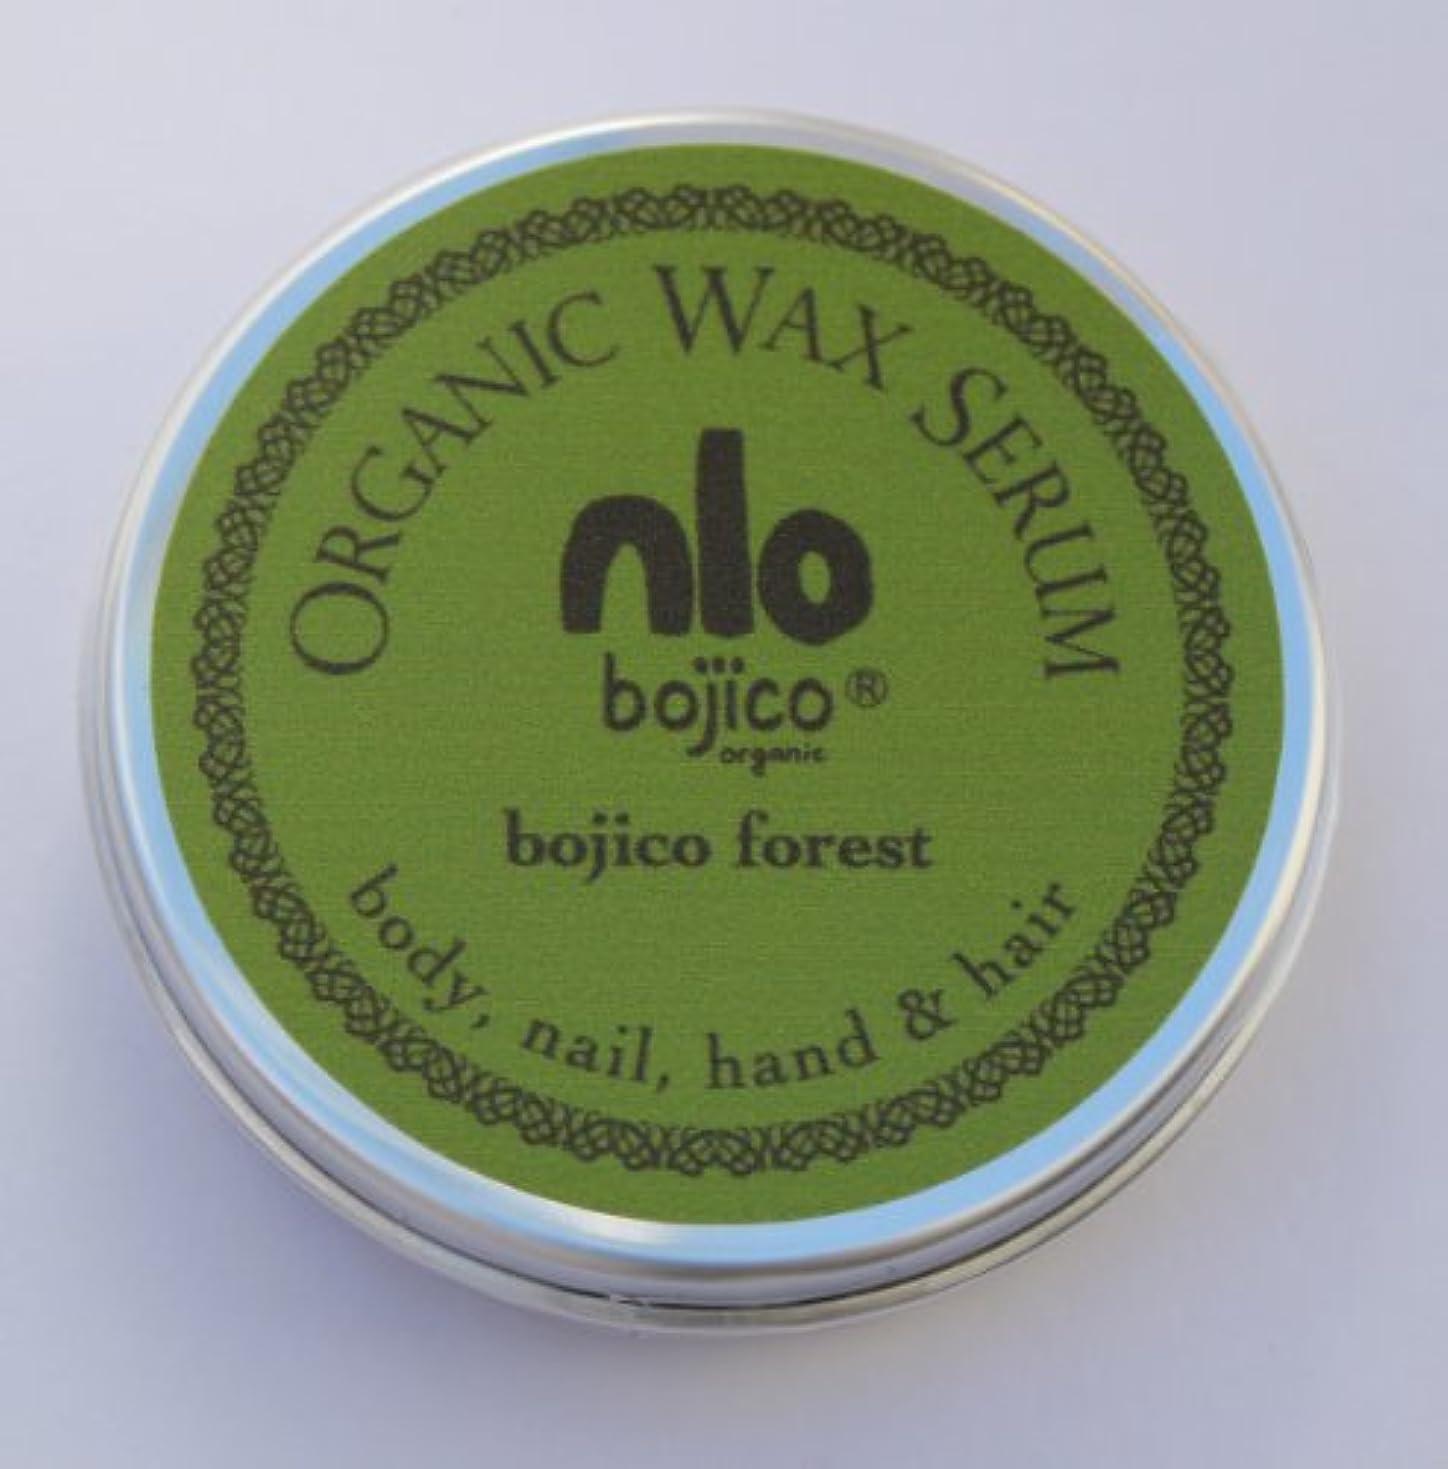 bojico オーガニック ワックス セラム<フォレスト> Organic Wax Serum 18g